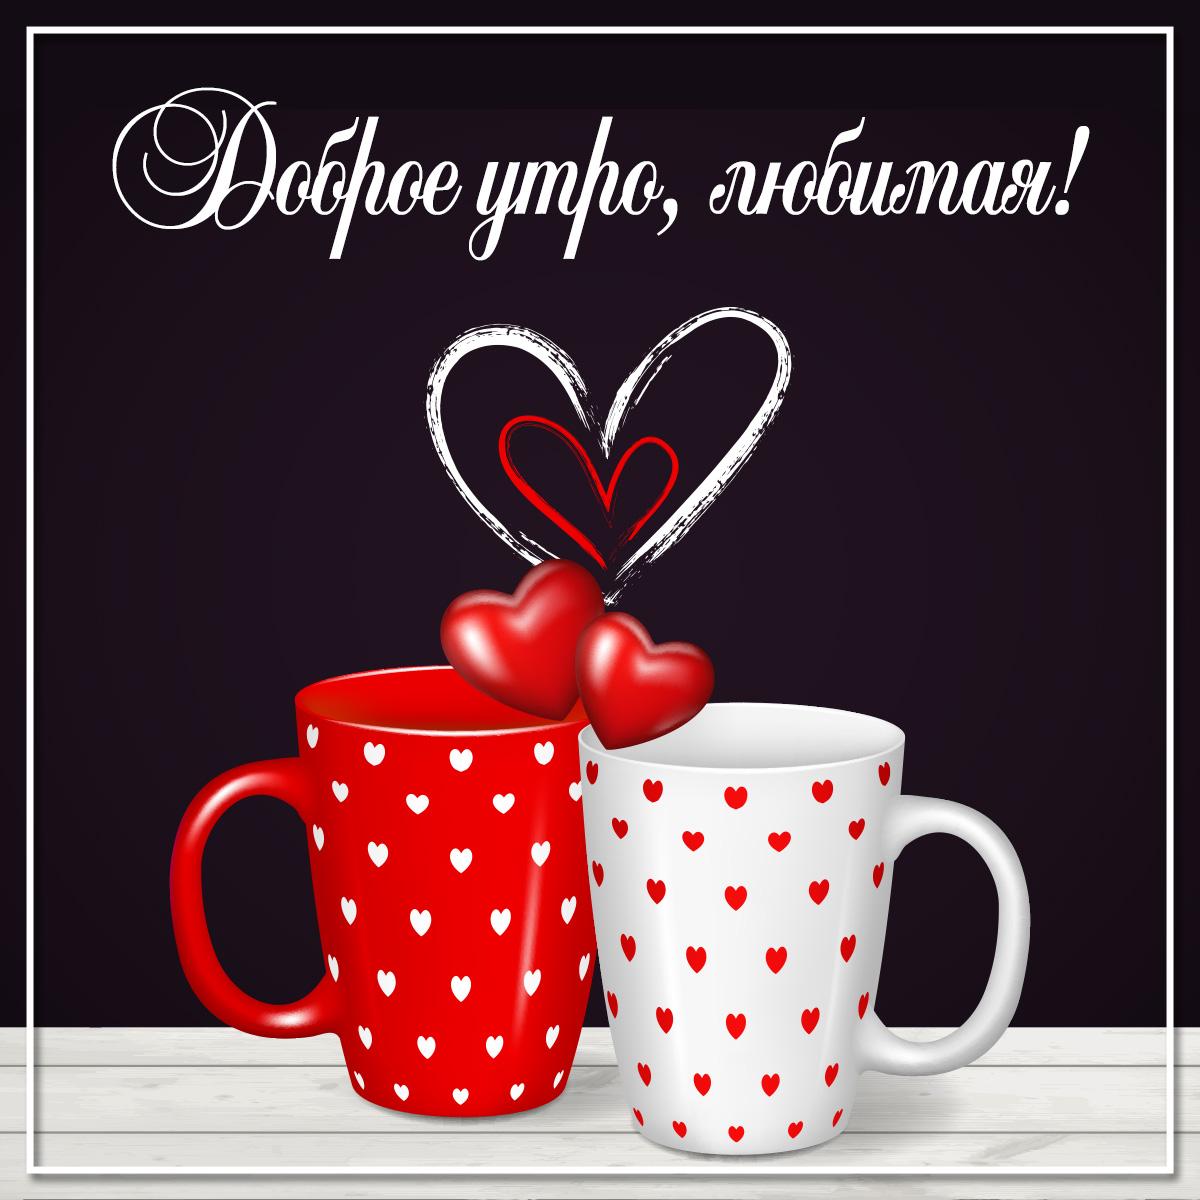 Картинка с текстом доброе утро любимая на чёрном фоне с красной и белой кружками в сердечках.